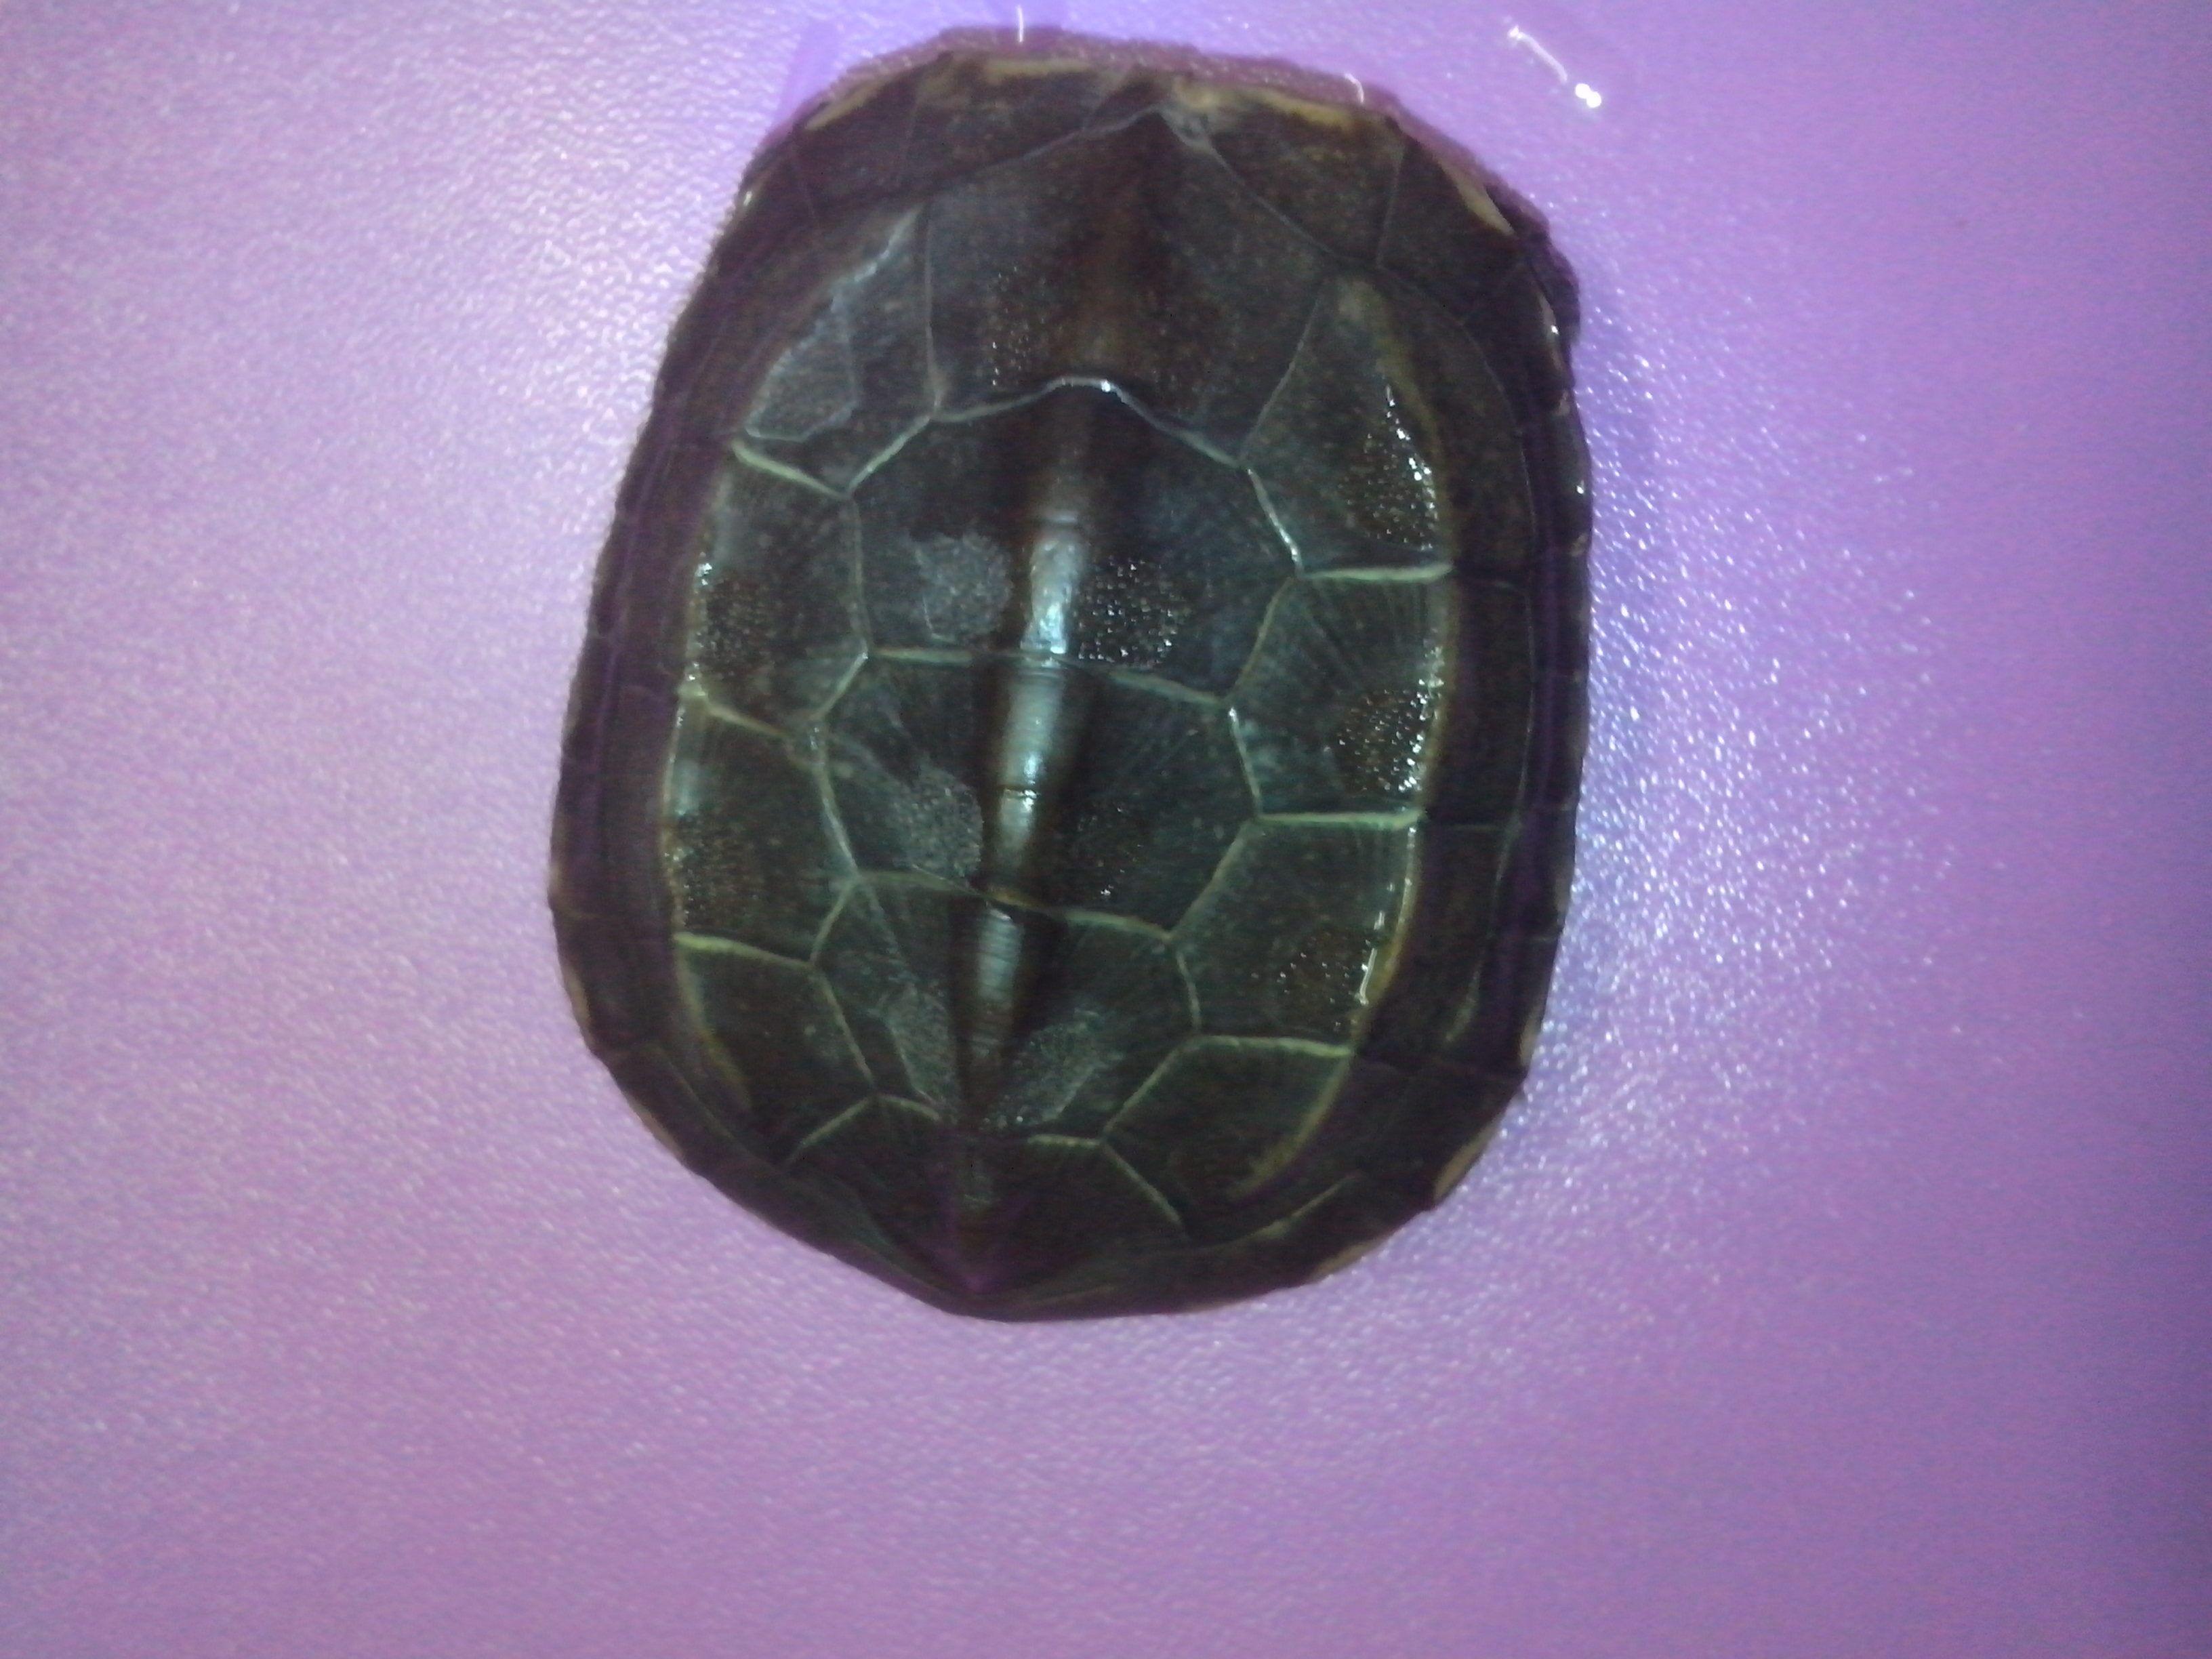 招财龟_龟友帮帮看看这是什么龟,路边买的说是招财龟,但是跟网上 ...